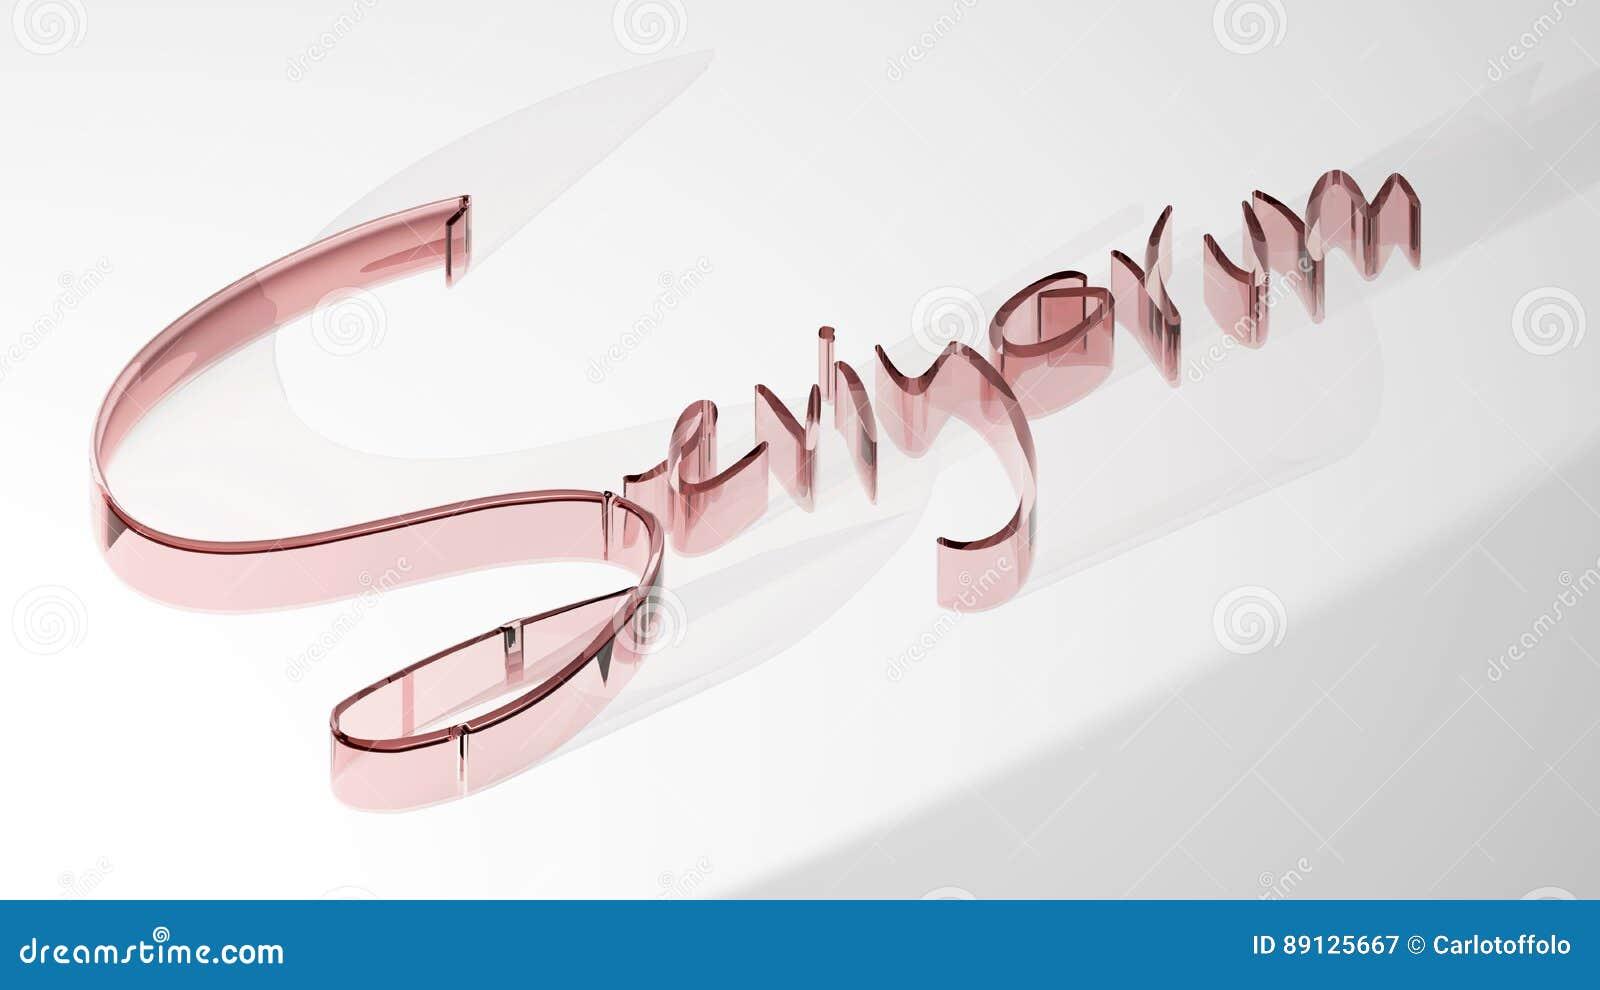 Seviyorum` - I Love You - 3D Rendering Stock Illustration